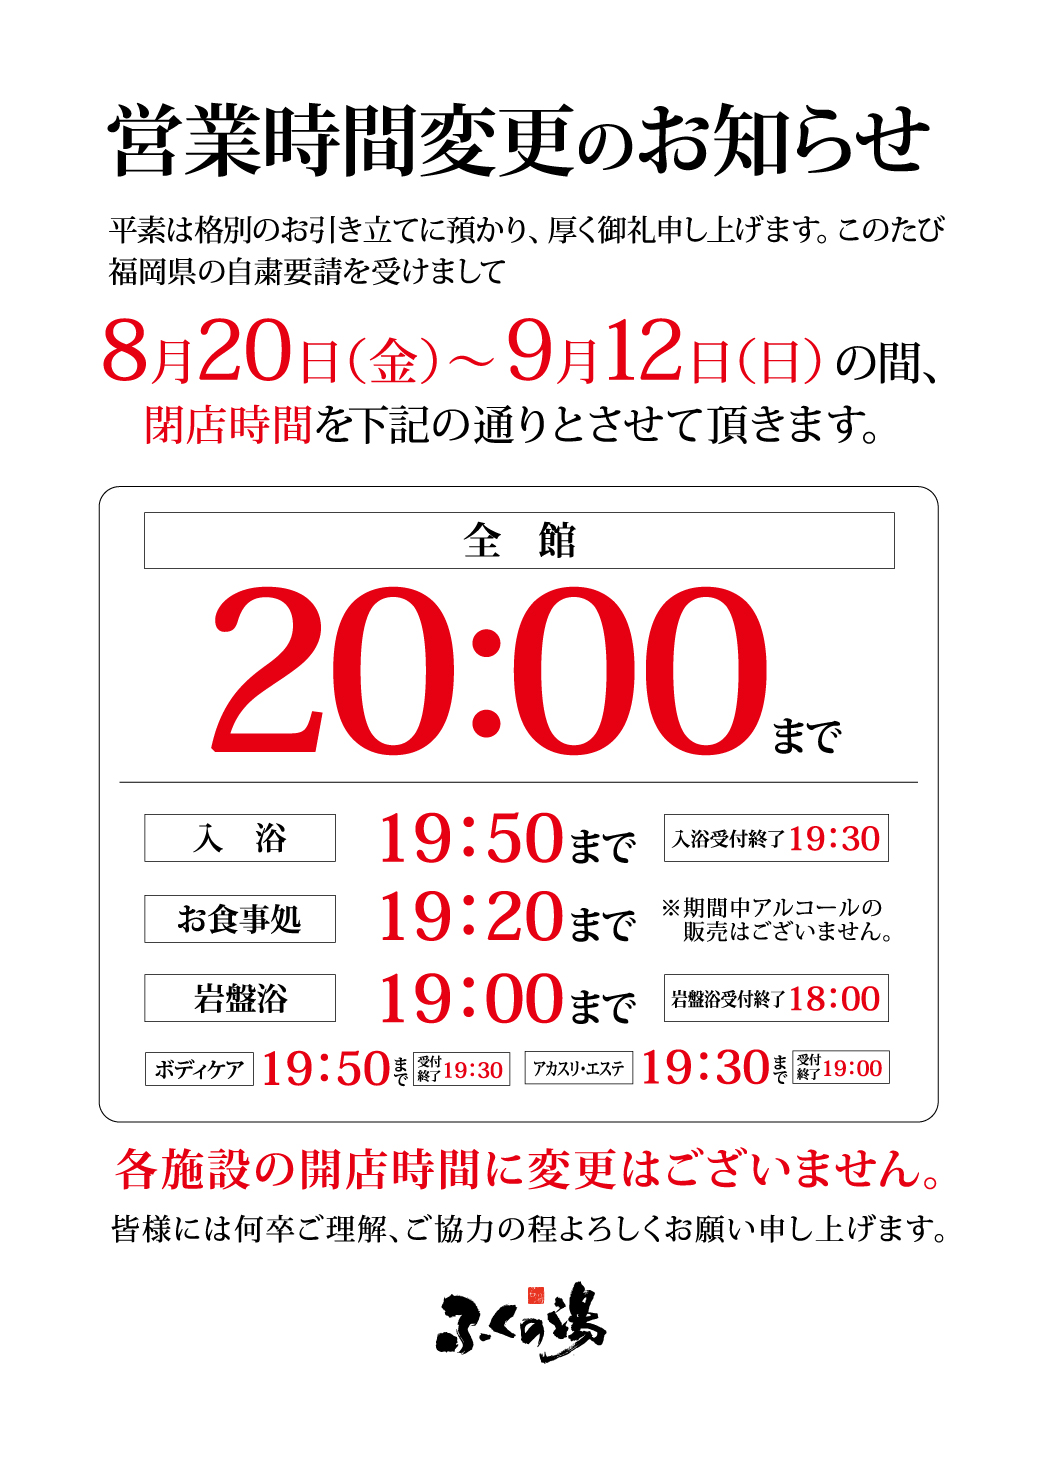 【8/20~9/12】営業時間変更のお知らせ